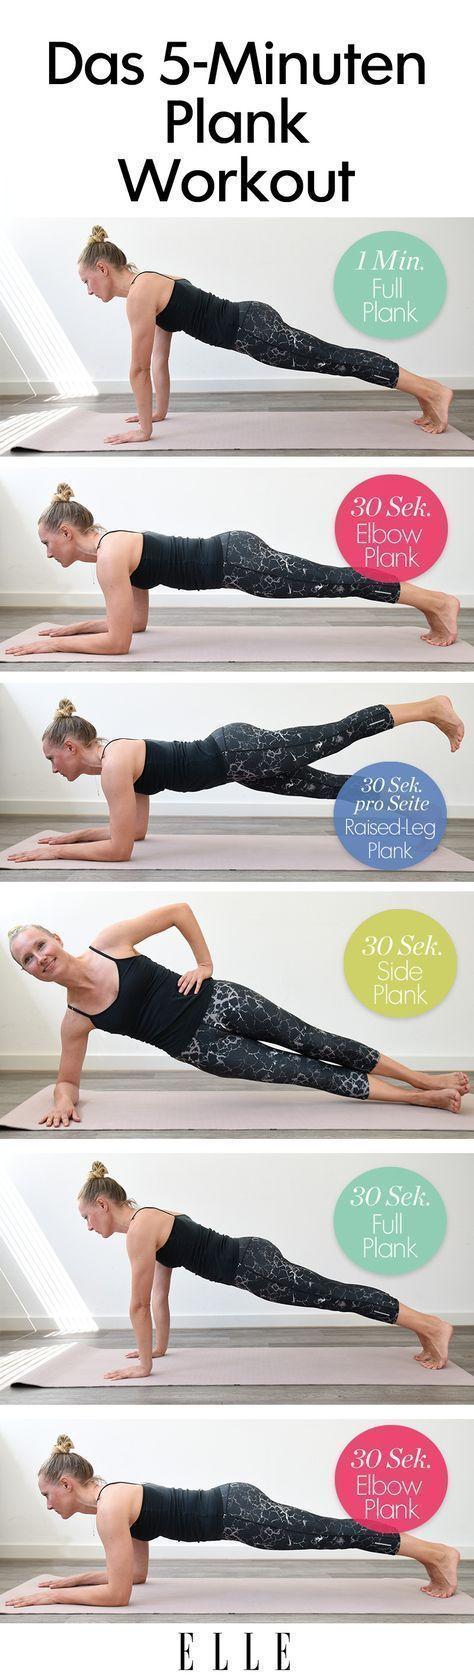 Der Liege- und Unterarmstütz, sogenannte Planks, sind die beste Übung für einen definierten Körper. Und du brauchst weder spezielle Sportutensilien, noch viel Zeit. Fünf Minuten Training am Tag genügen, um deinen Körper mit dem Full-Body-Workout zu stärken.